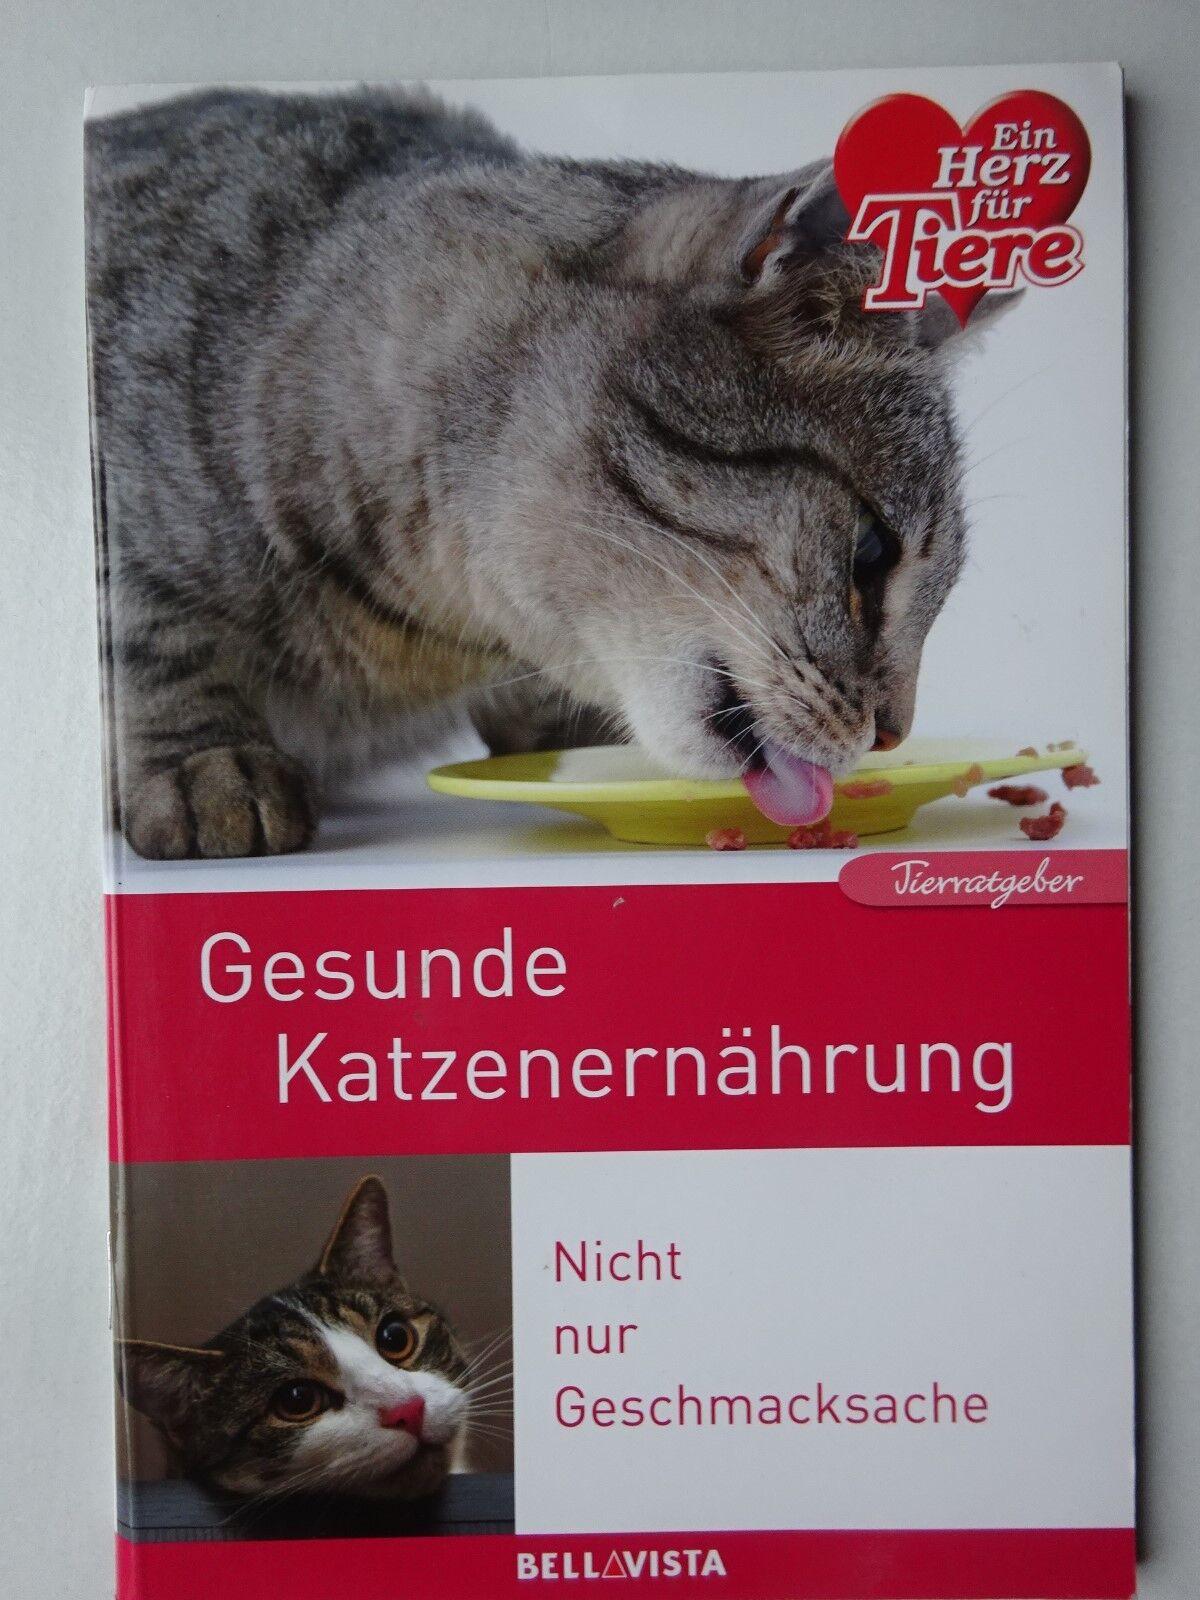 Gesunde Katzenernährung*Tierratgeber*Tipps*Ratgeber*Ein Herz für Tiere*Katze